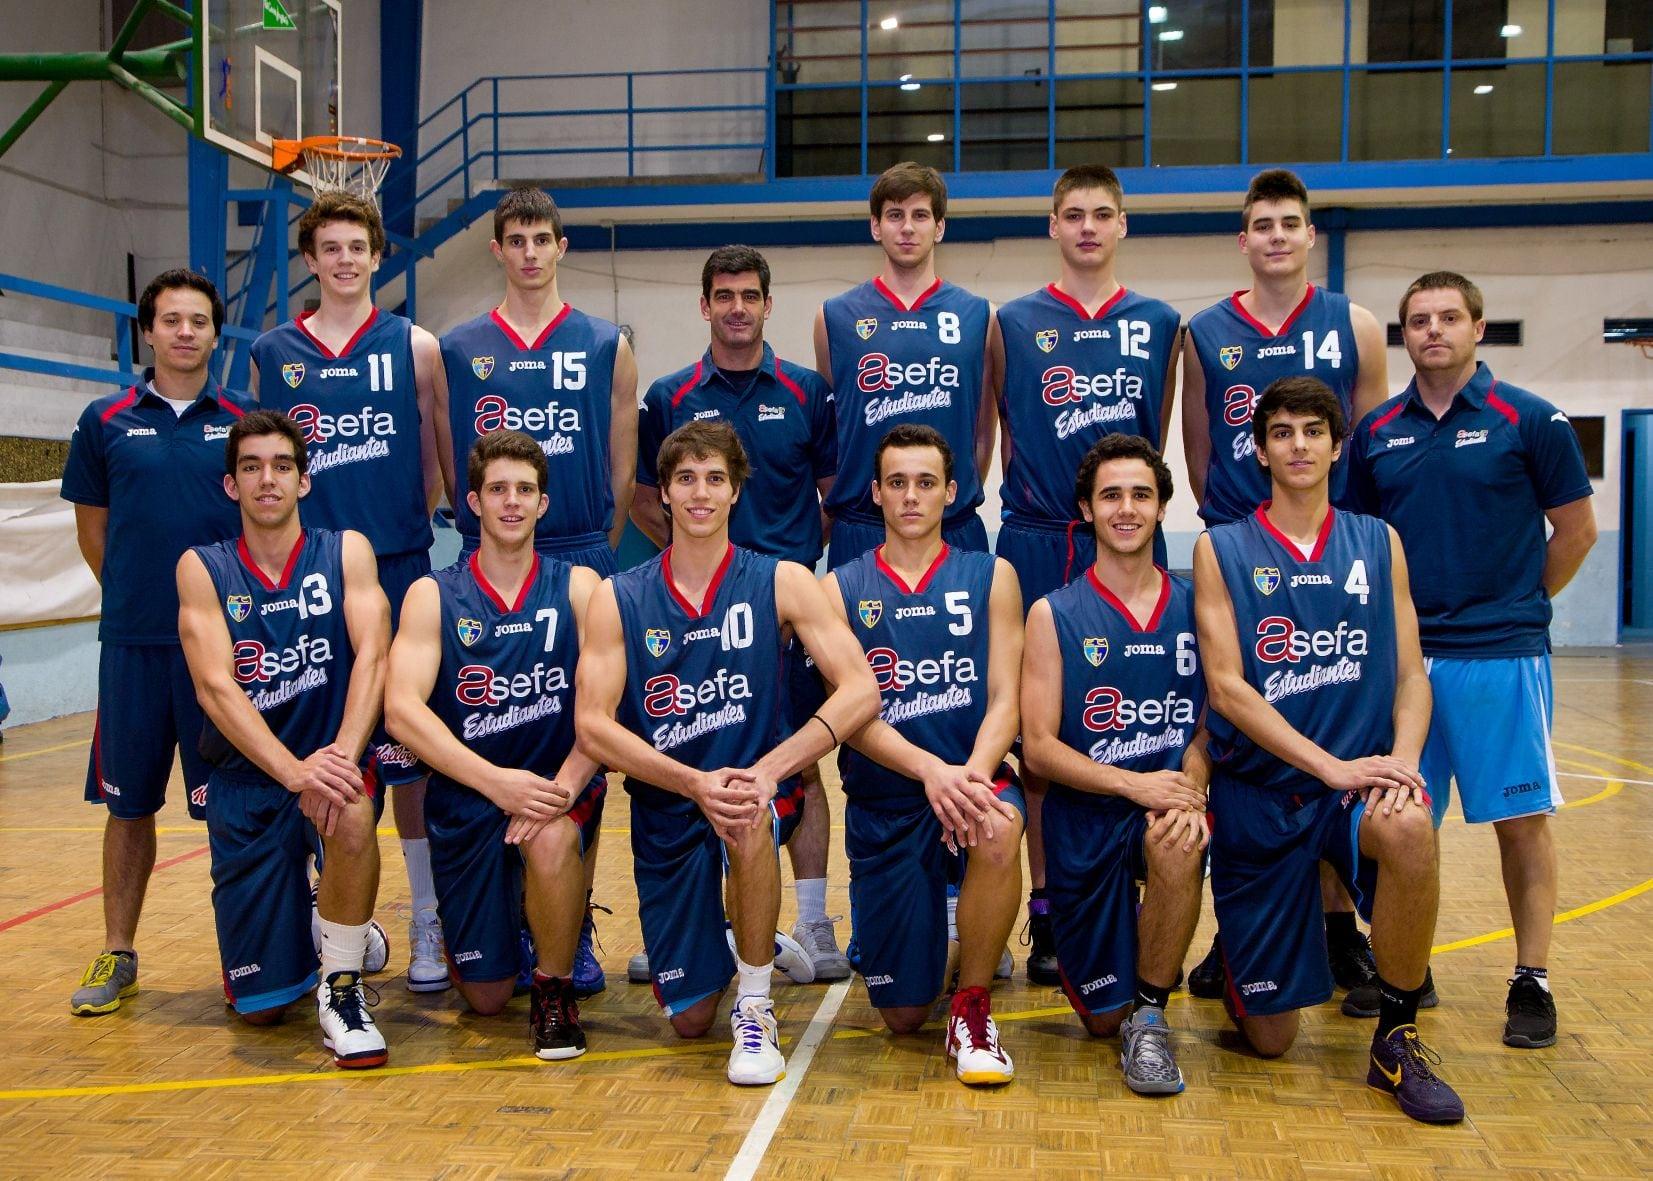 Fases Finales Junior de Madrid desde el viernes femenina en Magariños, masculina en Getafe. ¡No pierdas detalle de la primera gran cita de cantera del año!